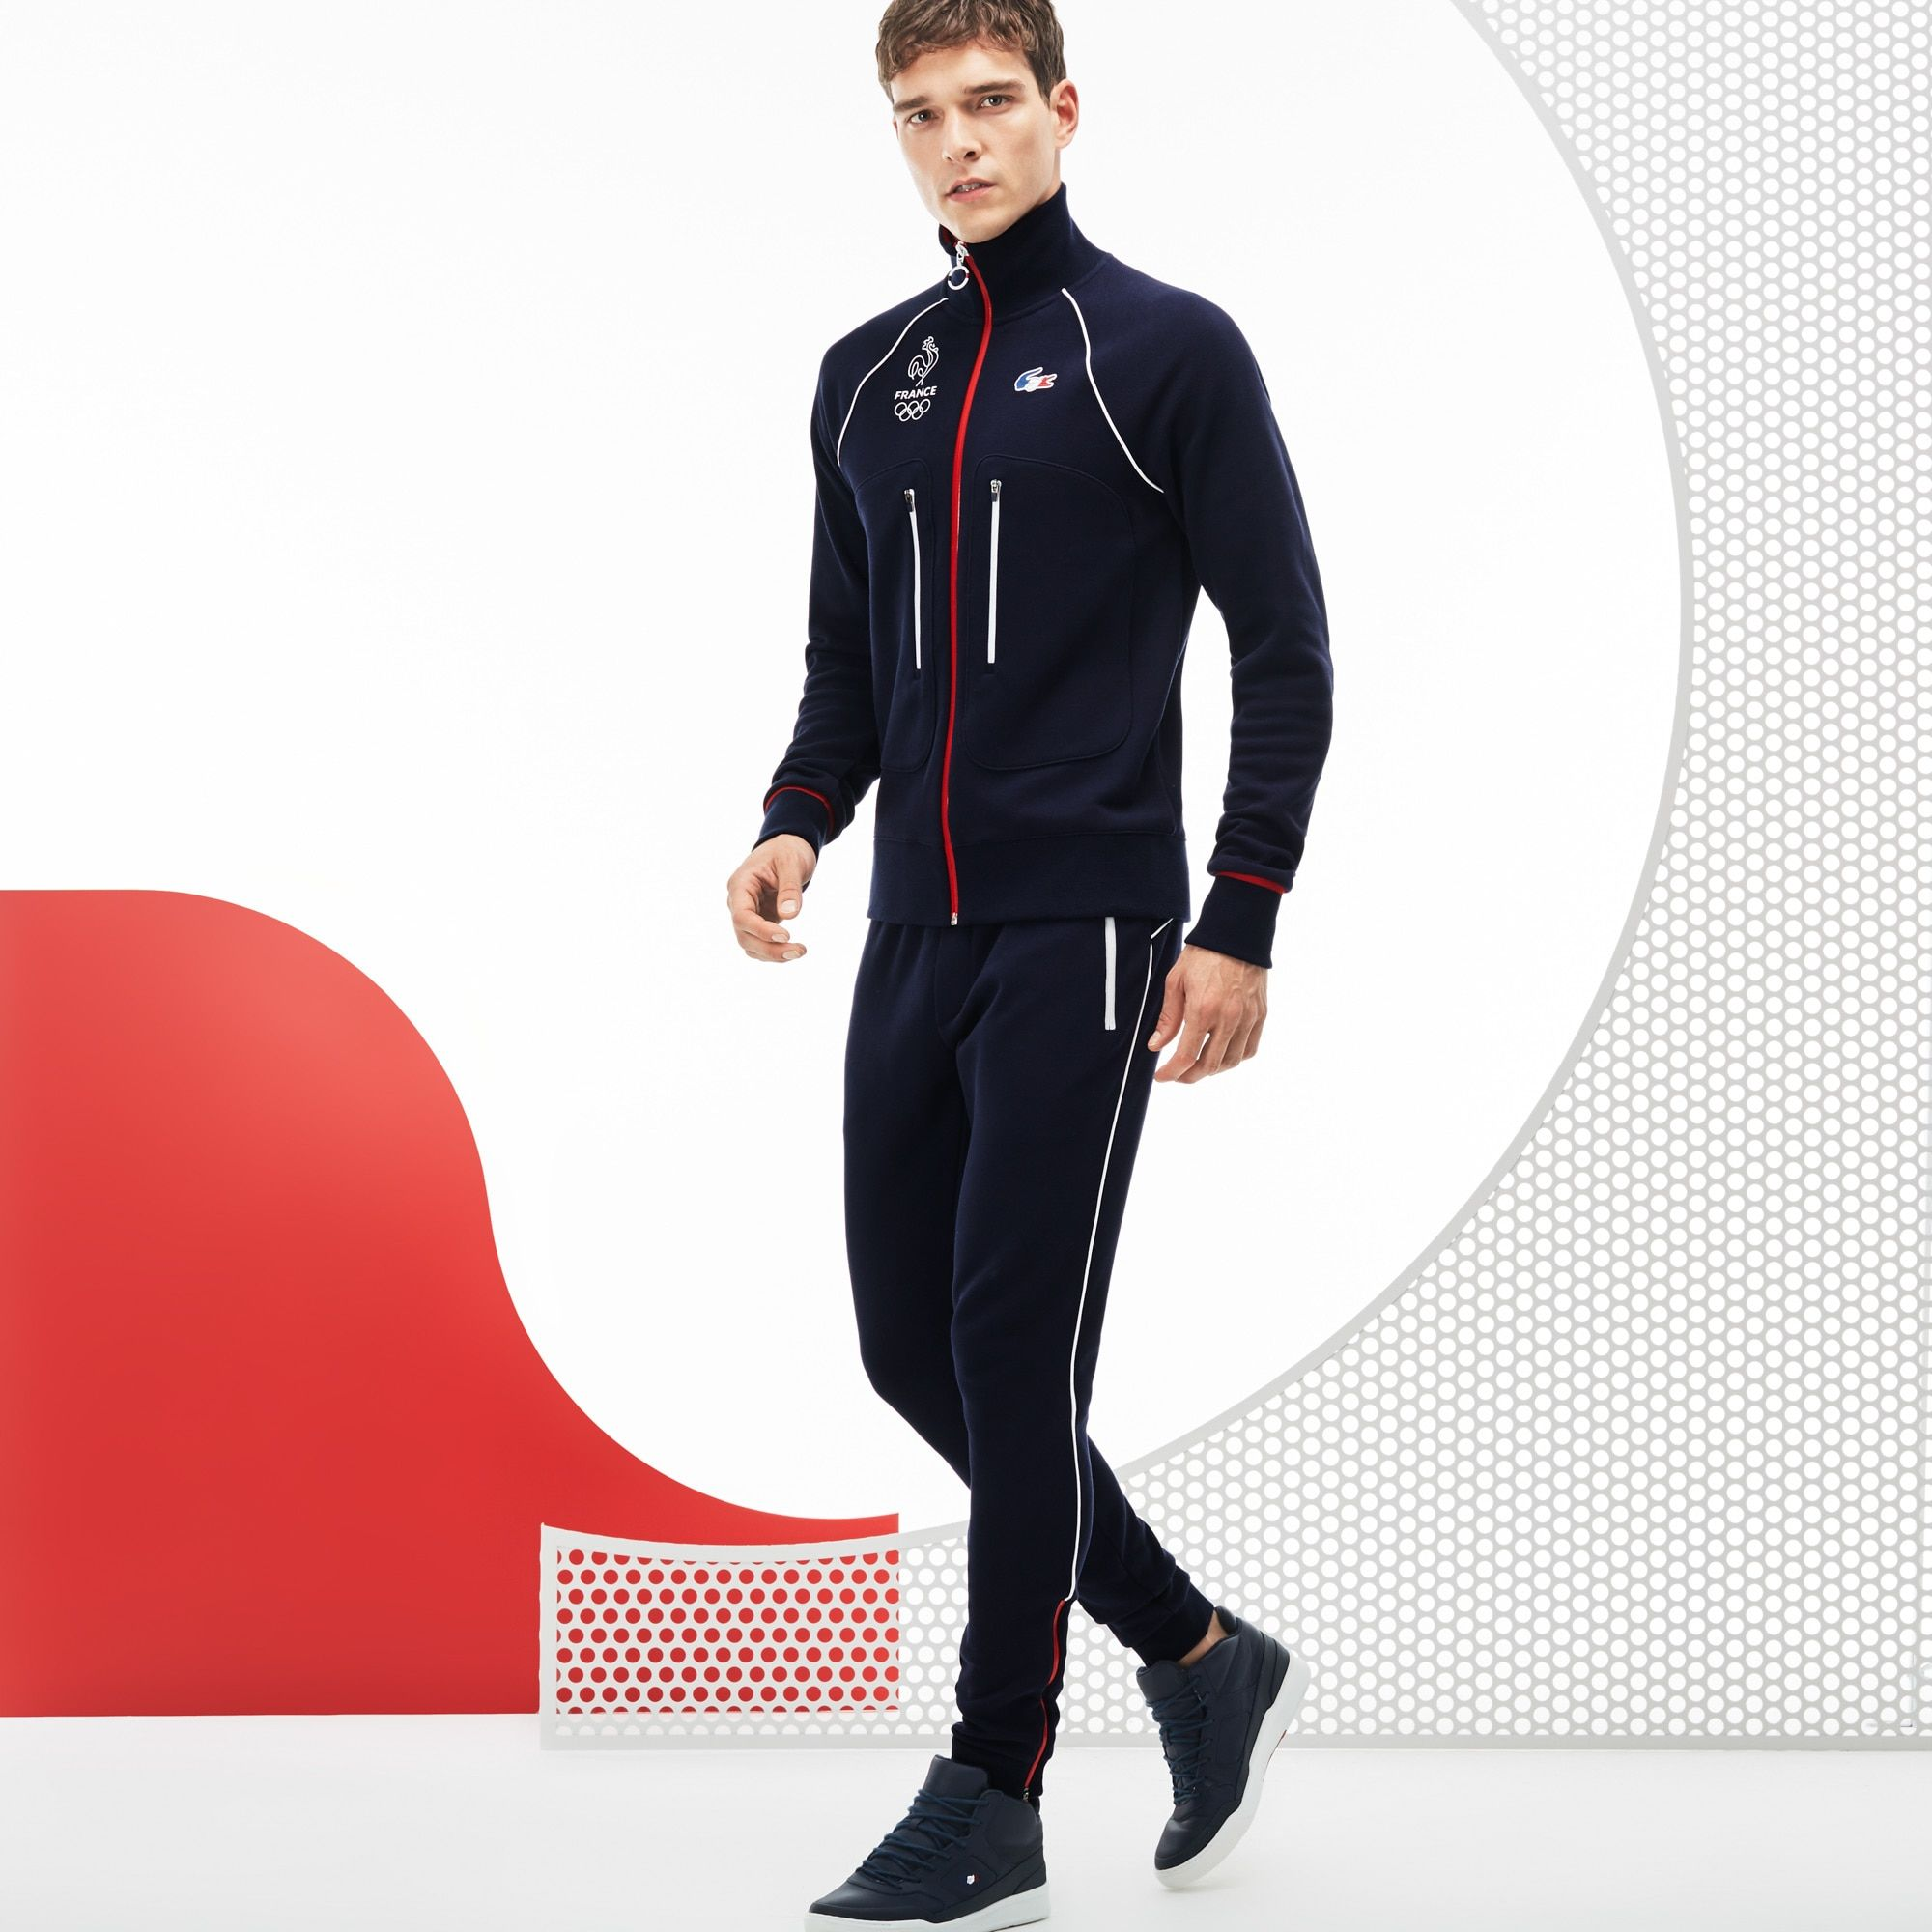 7a6786a4b9 Pantalon de survêtement Lacoste SPORT en molleton Collection France  Olympique | LACOSTE